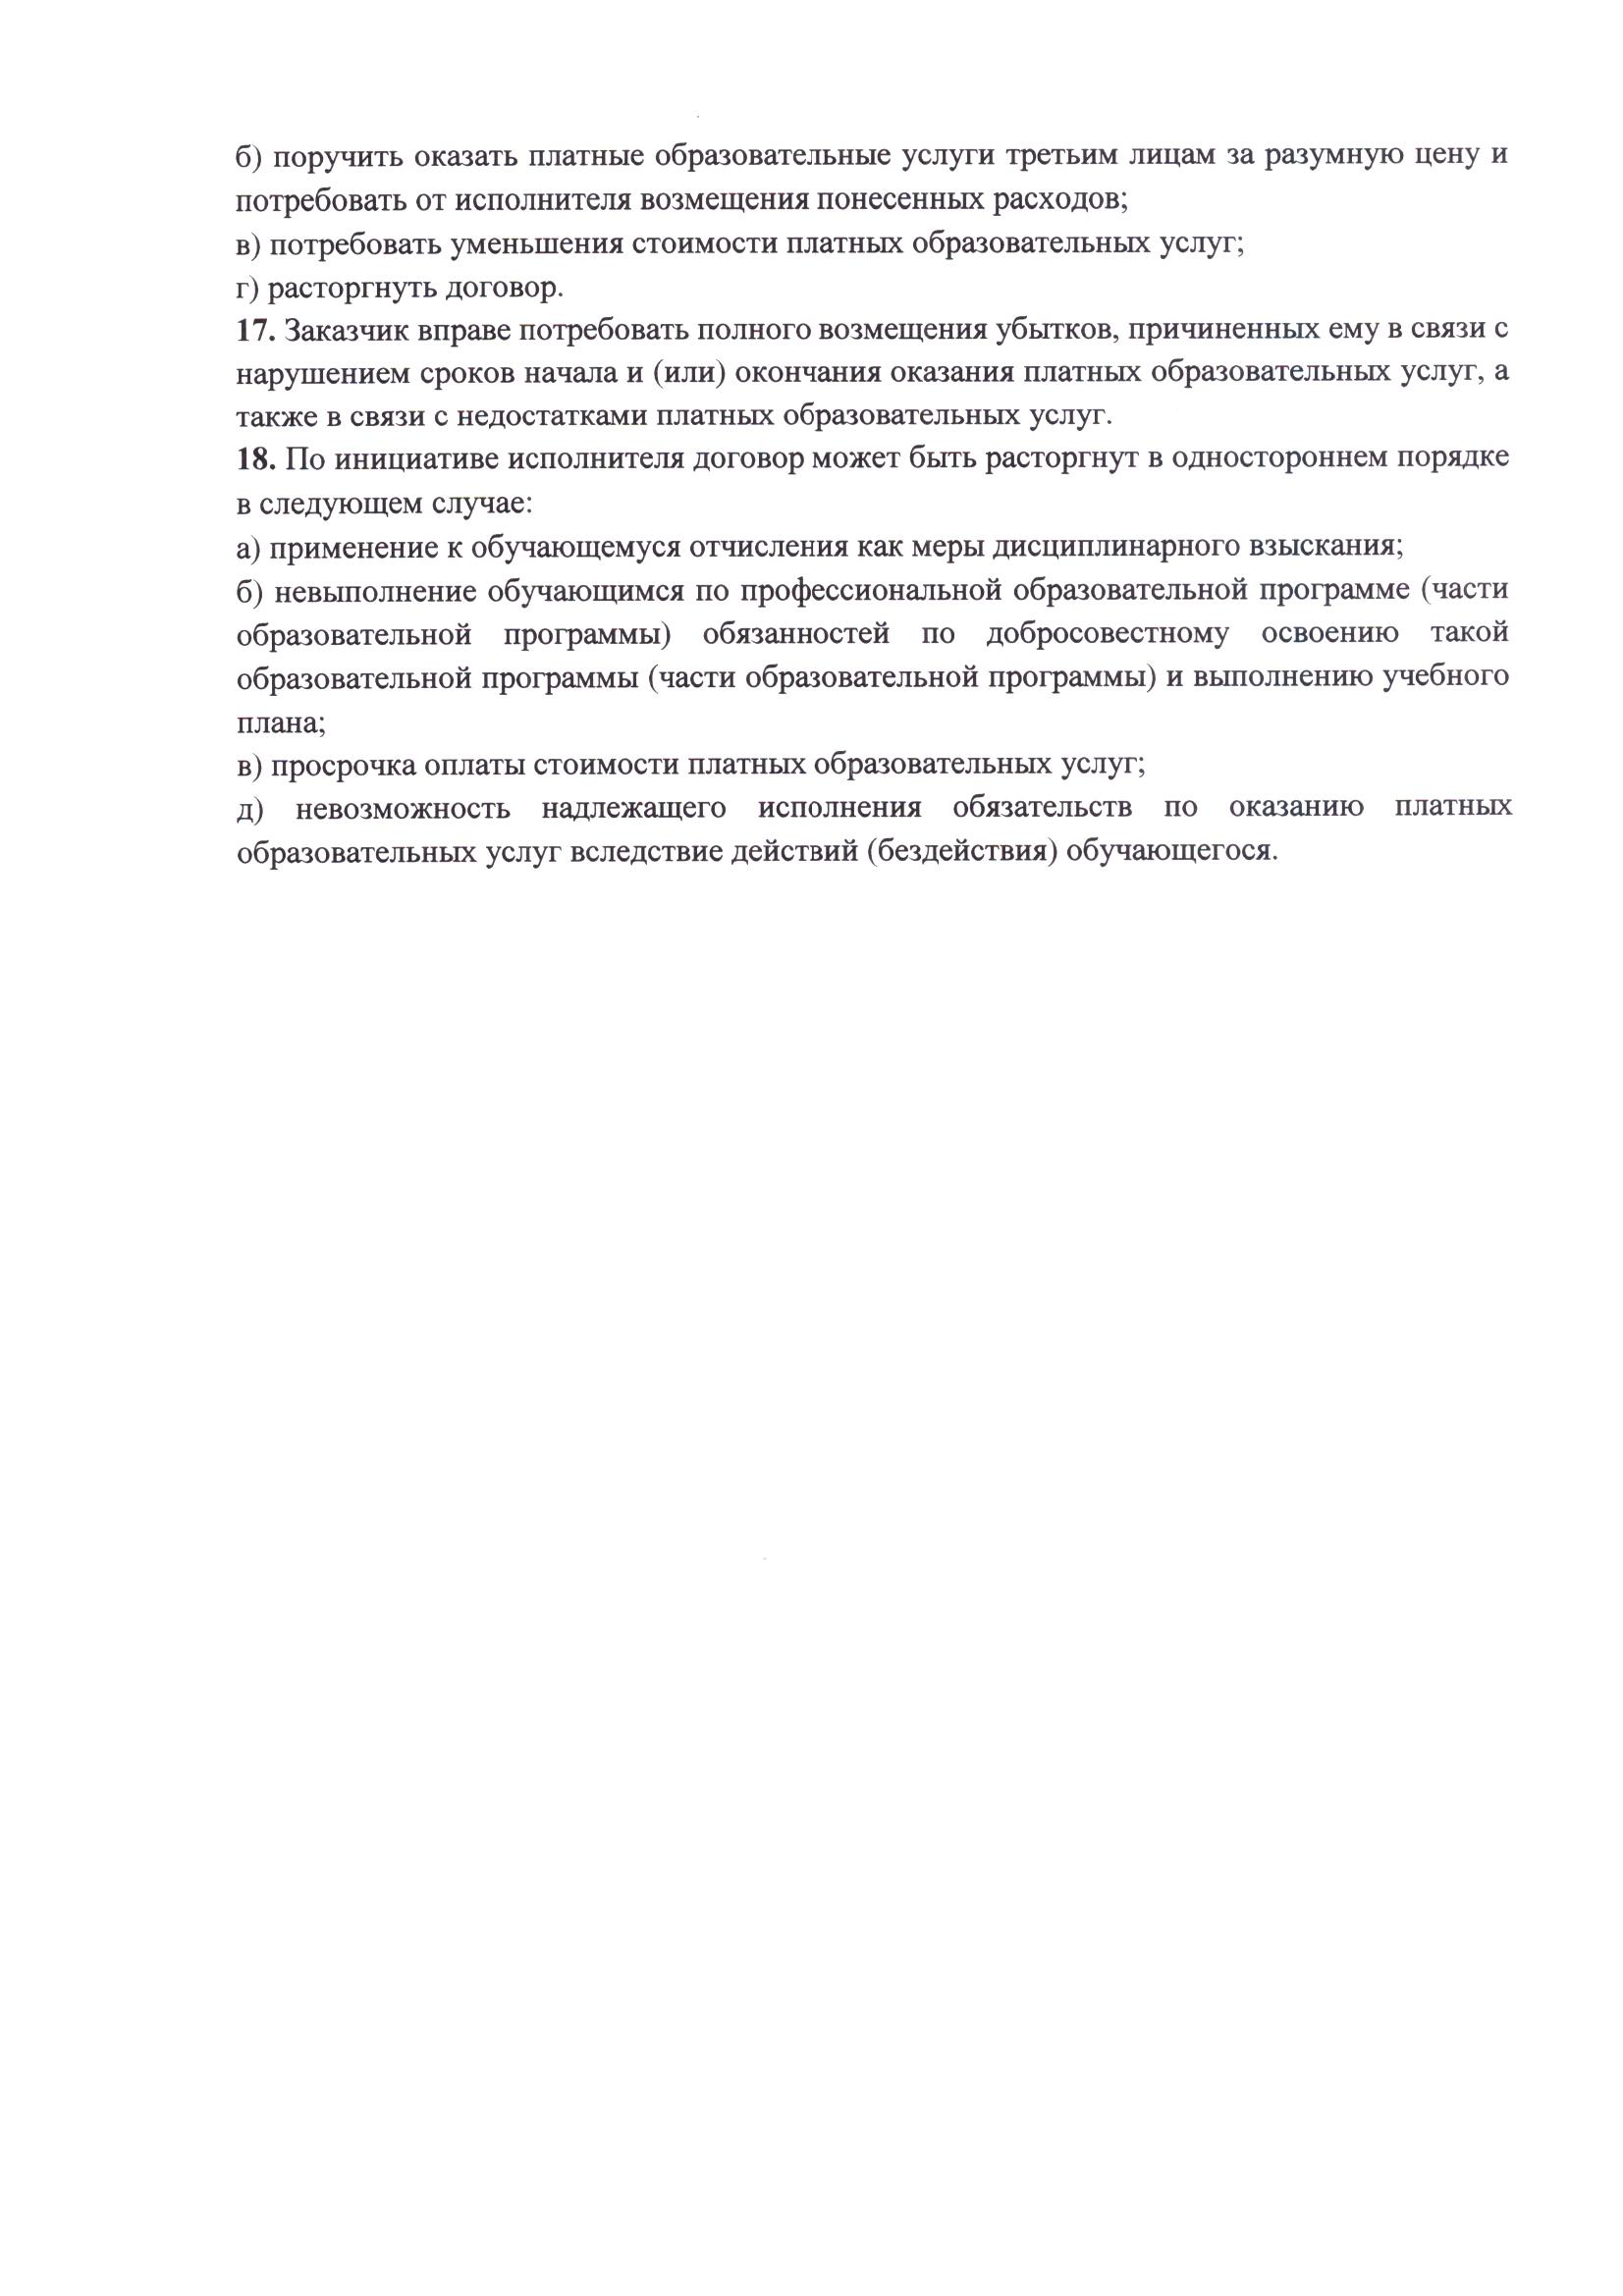 Положение-об-оказании-платных-образовательных-услуг_Страница_4